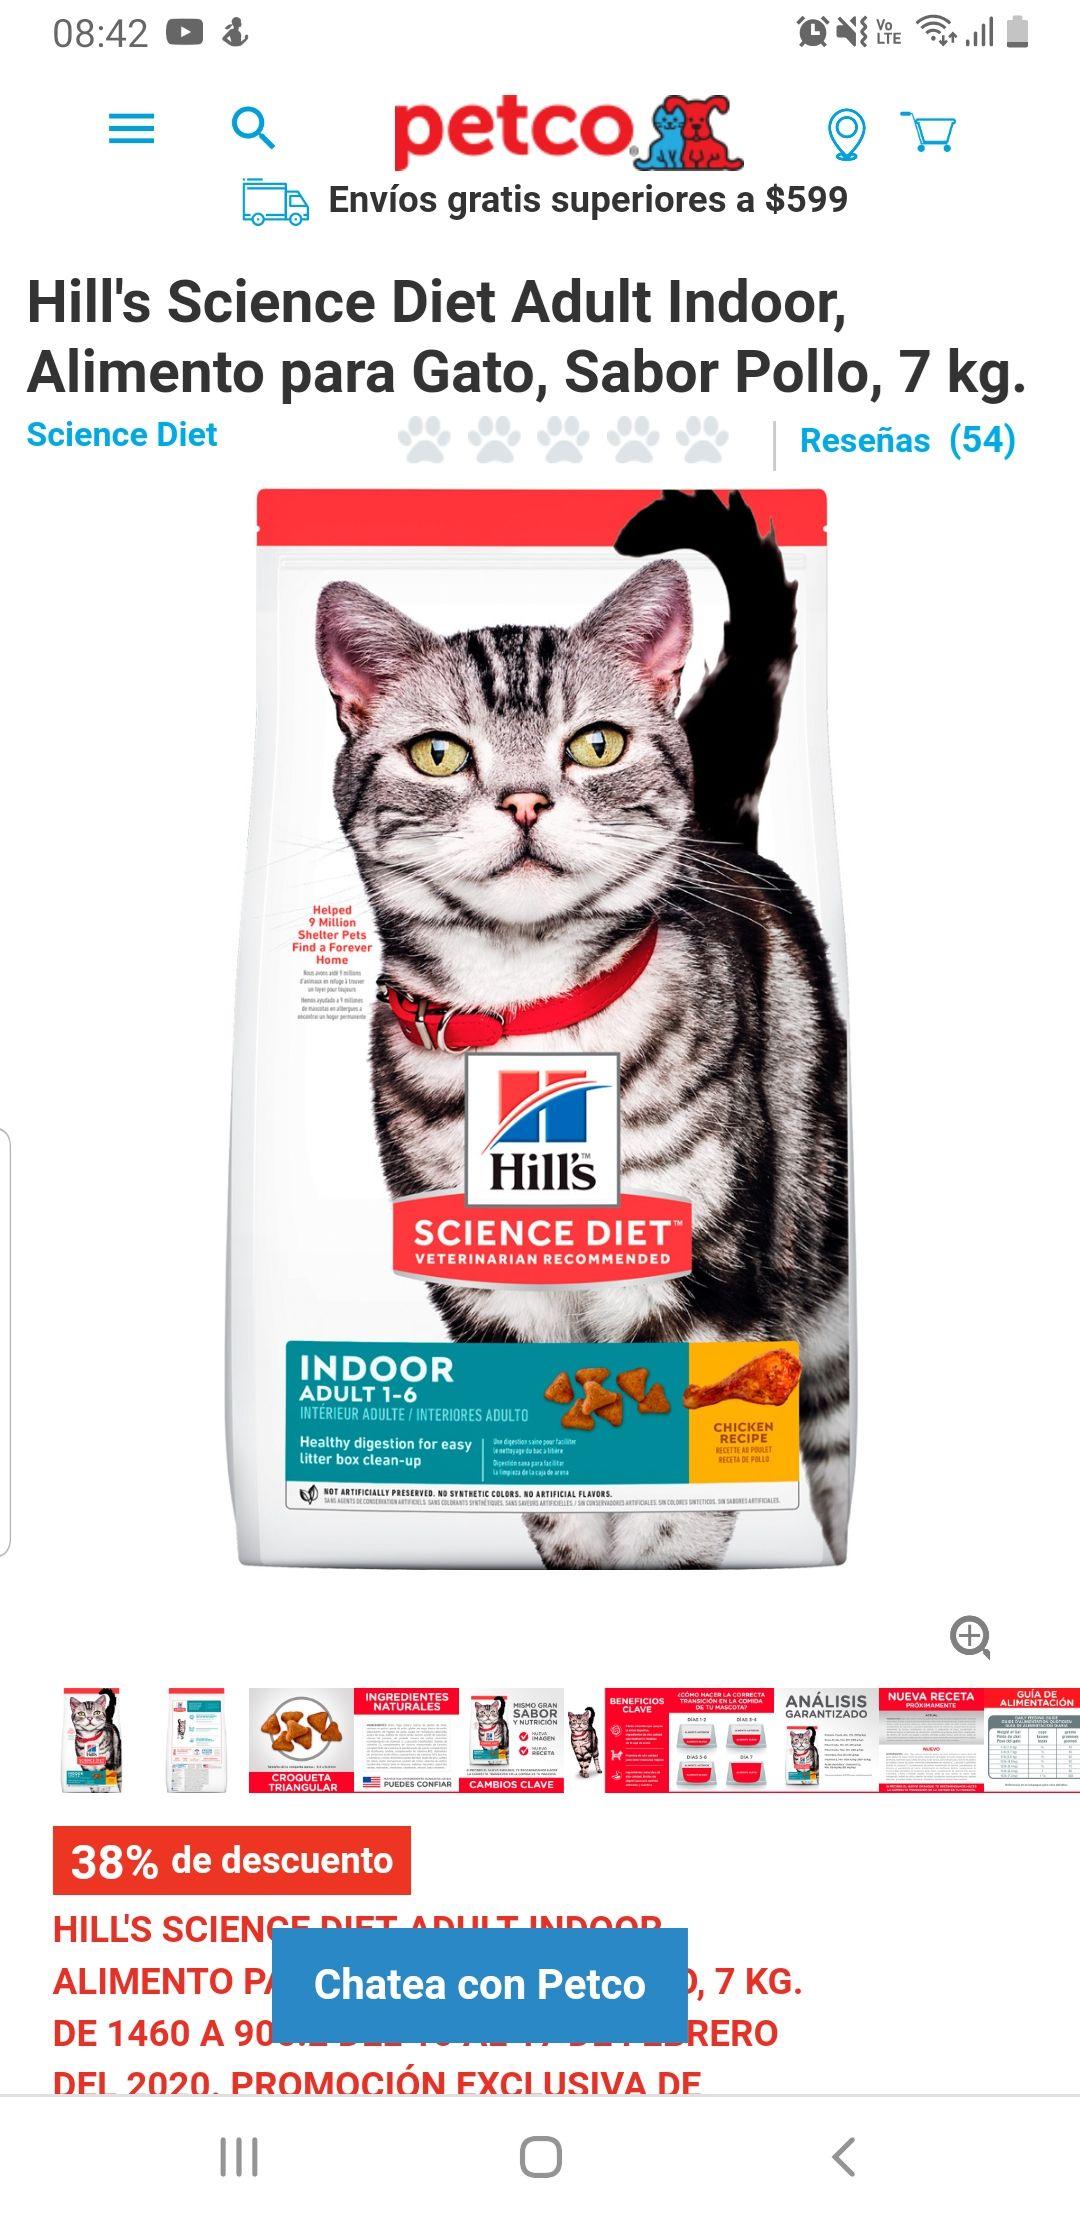 Petco: Hill's Science Diet Adult Indoor, Alimento para Gato, Sabor Pollo, 7 kg.